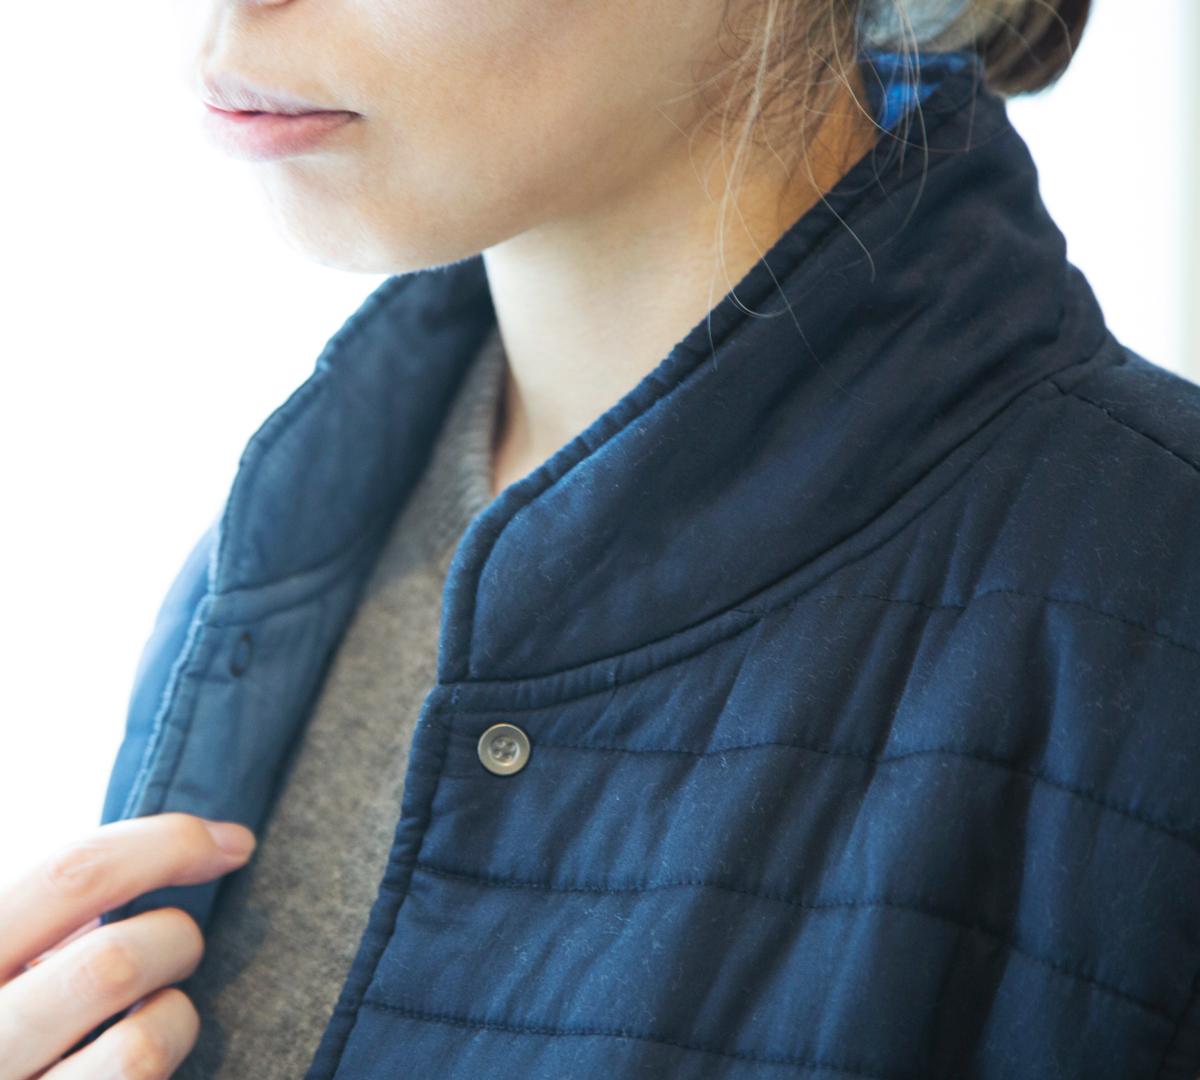 冷え対策は、まず首を温めることが大事。11種の天然鉱物の力で、軽くて暖かい(温かい)「中わた入りベスト」(インナーダウン)|IONDOCTOR(イオンドクター)